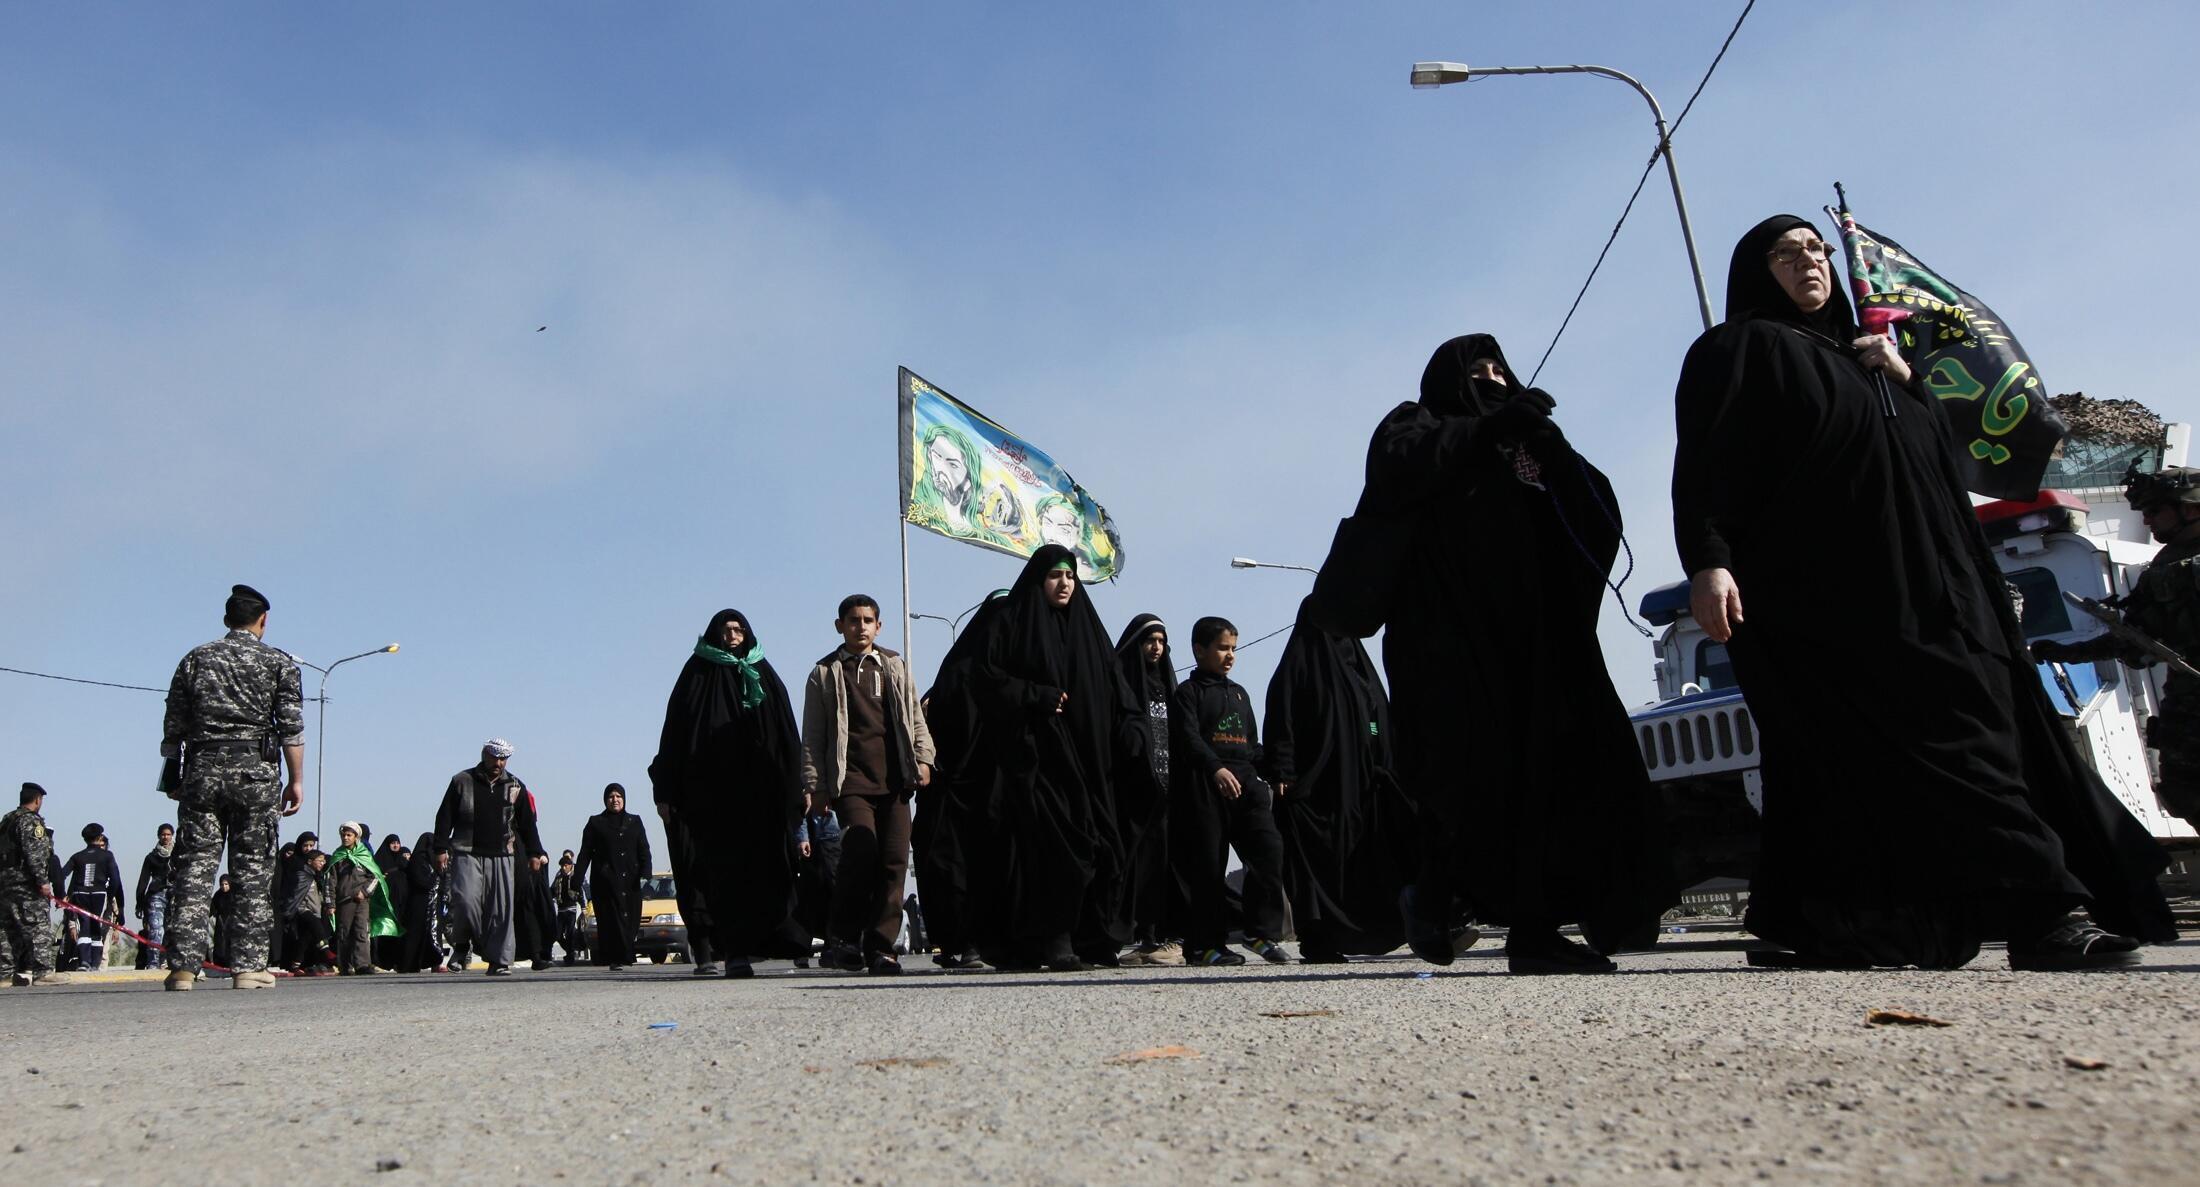 Pèlerins en route pour le pèlerinage chiite de Kerbala